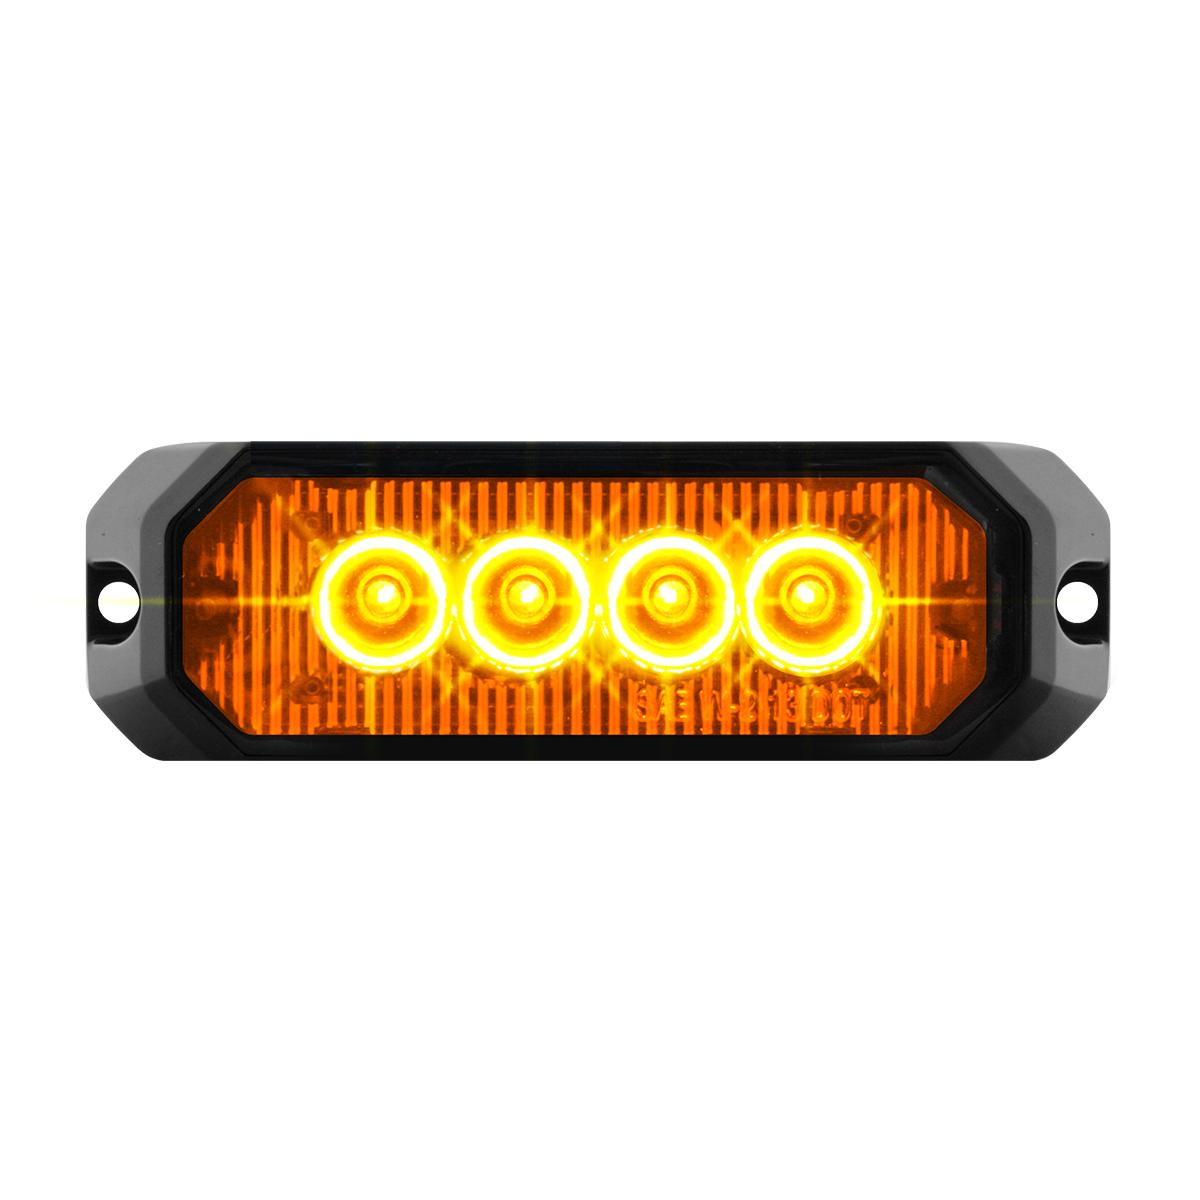 """81800 4"""" Medium Rectangular High Power LED Strobe Light"""